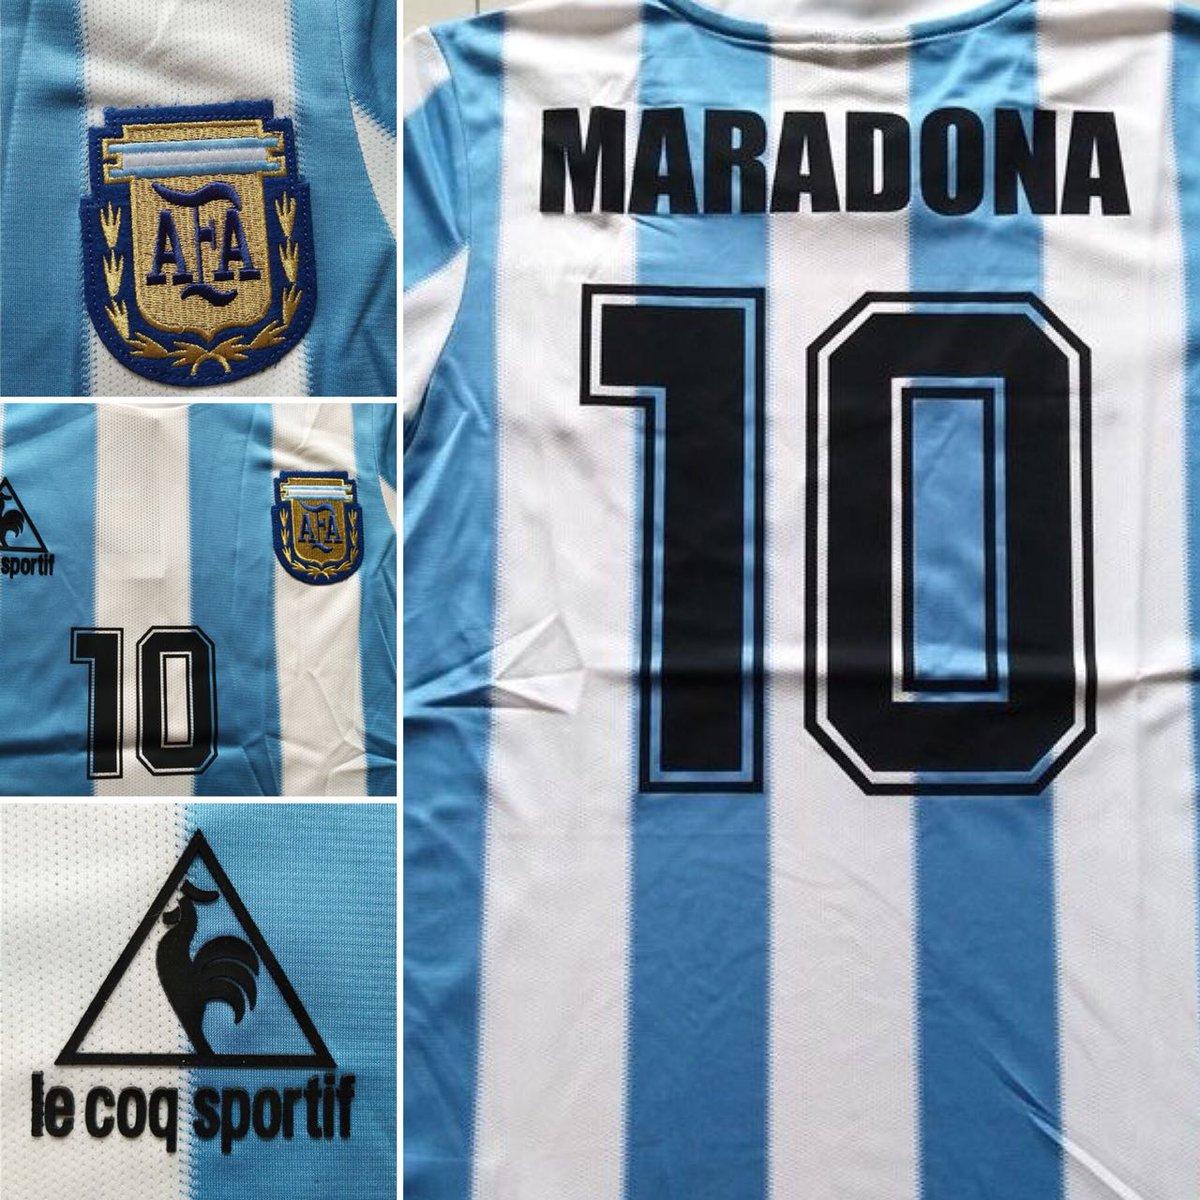 Sigue a @tdmas_cr y @JMSports_CR dale RT y participa por la camisa de Maradona. Sorteo esta noche. #ARG